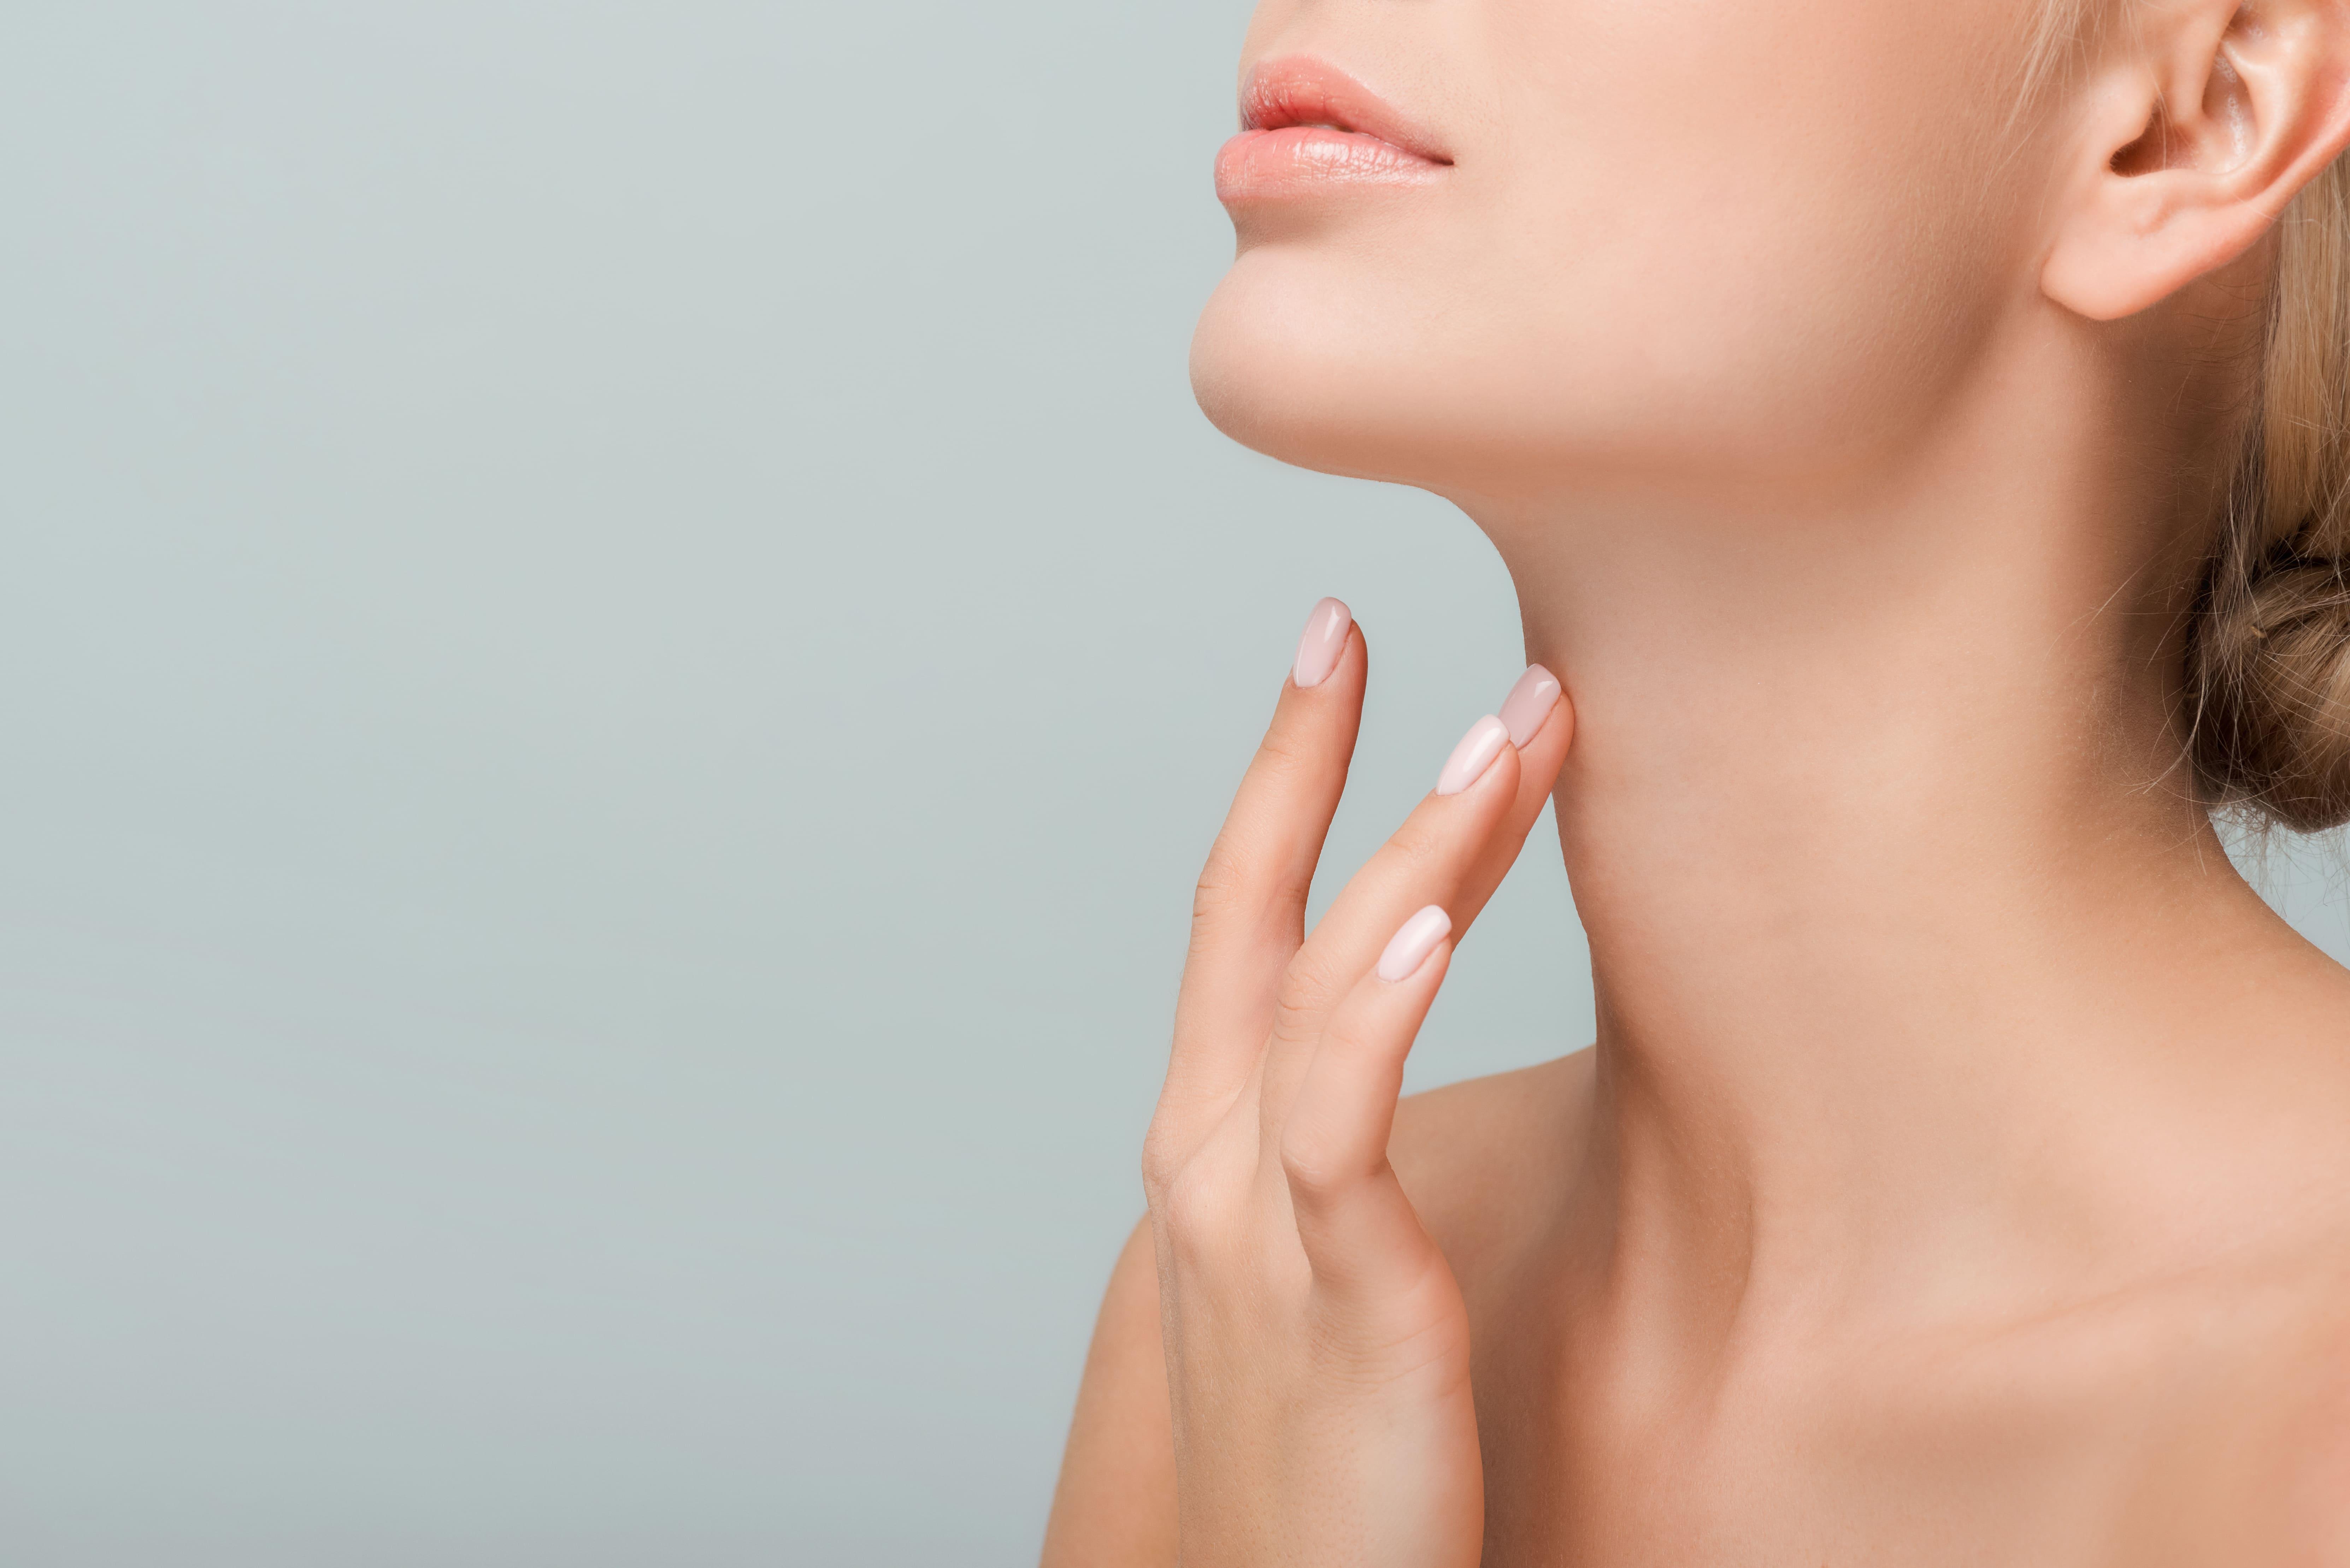 ¿En qué consiste la condroplastia tiroidea o reducción de la nuez de Adán?